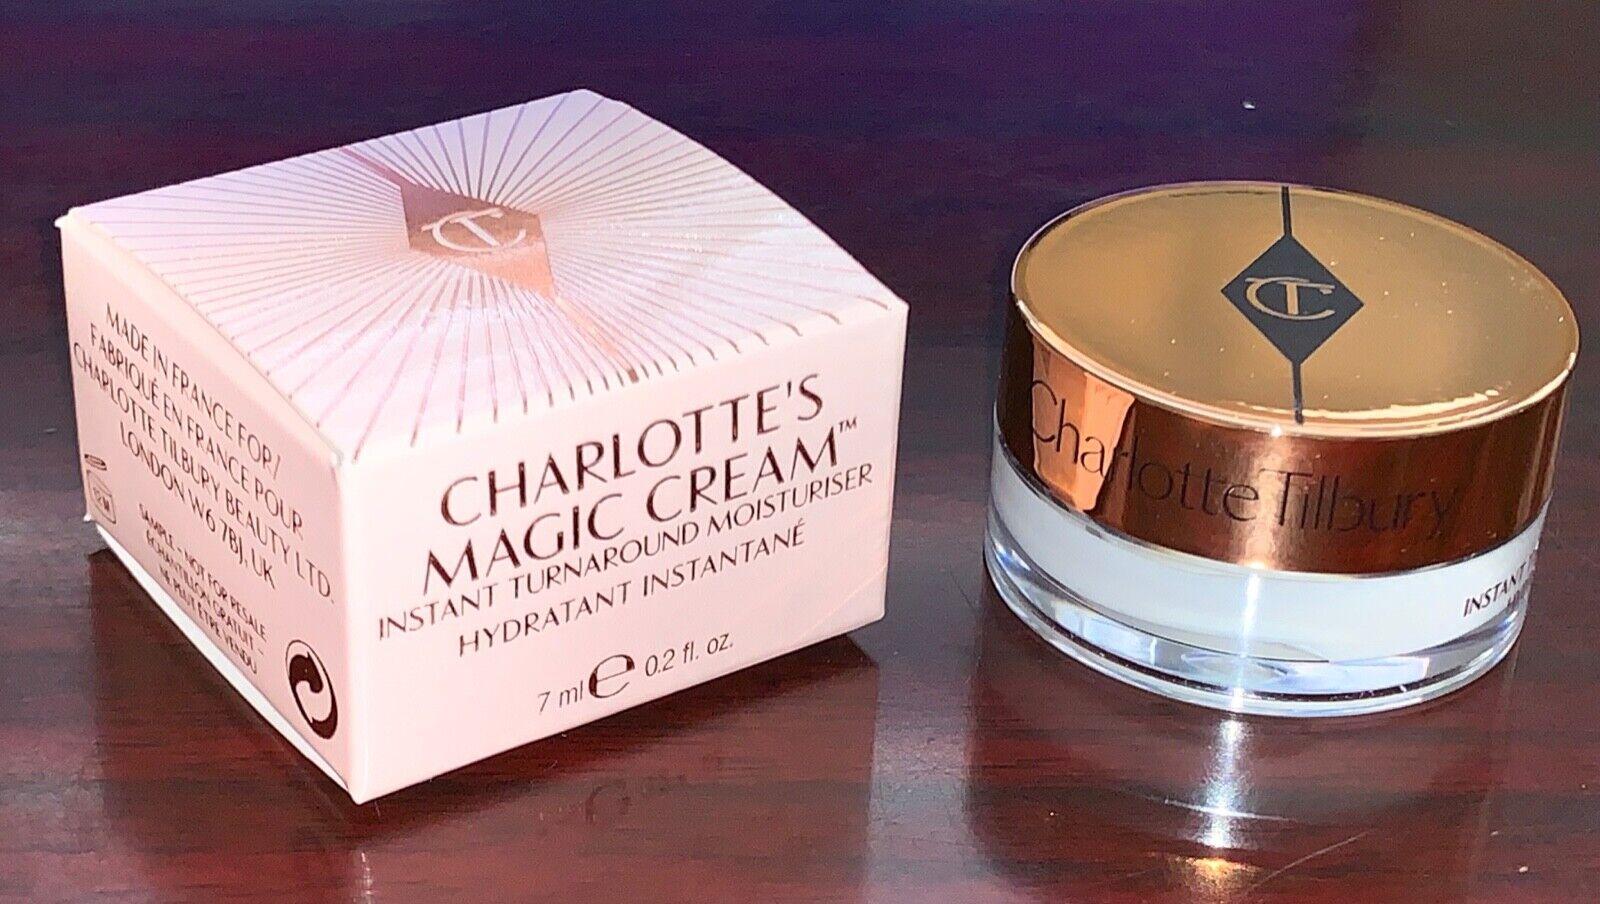 Charlotte Tilbury Charlotte's Magic Cream Travel Size 7 ml 0